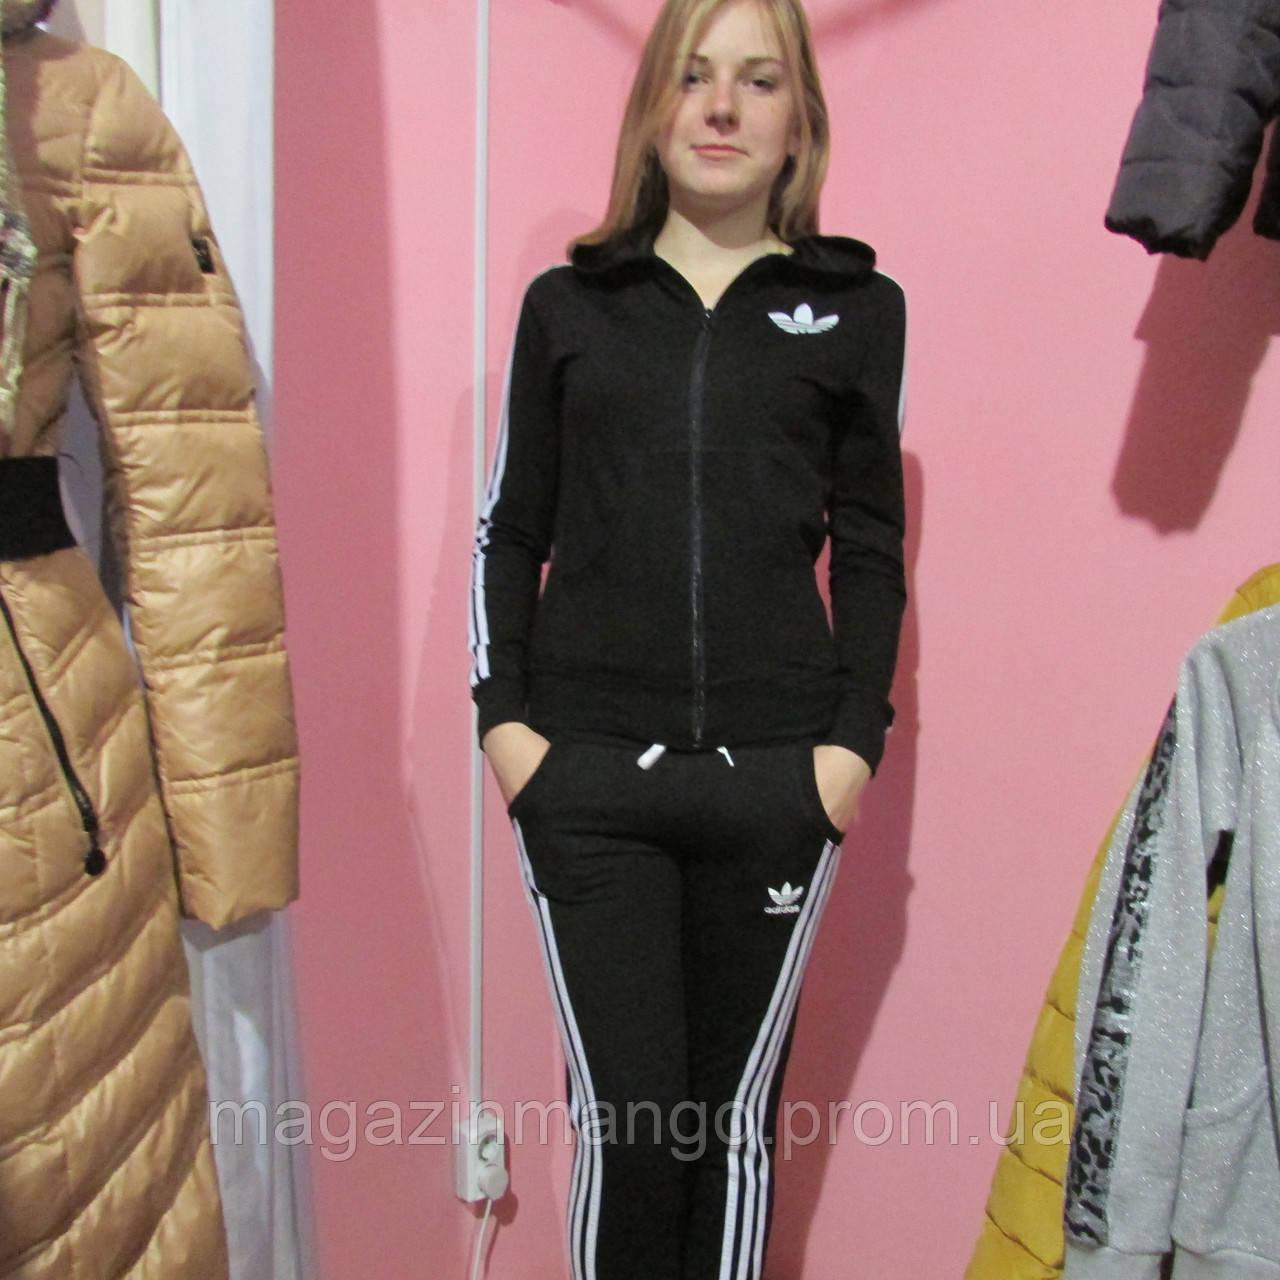 Спортивный костюм адидас женский черный